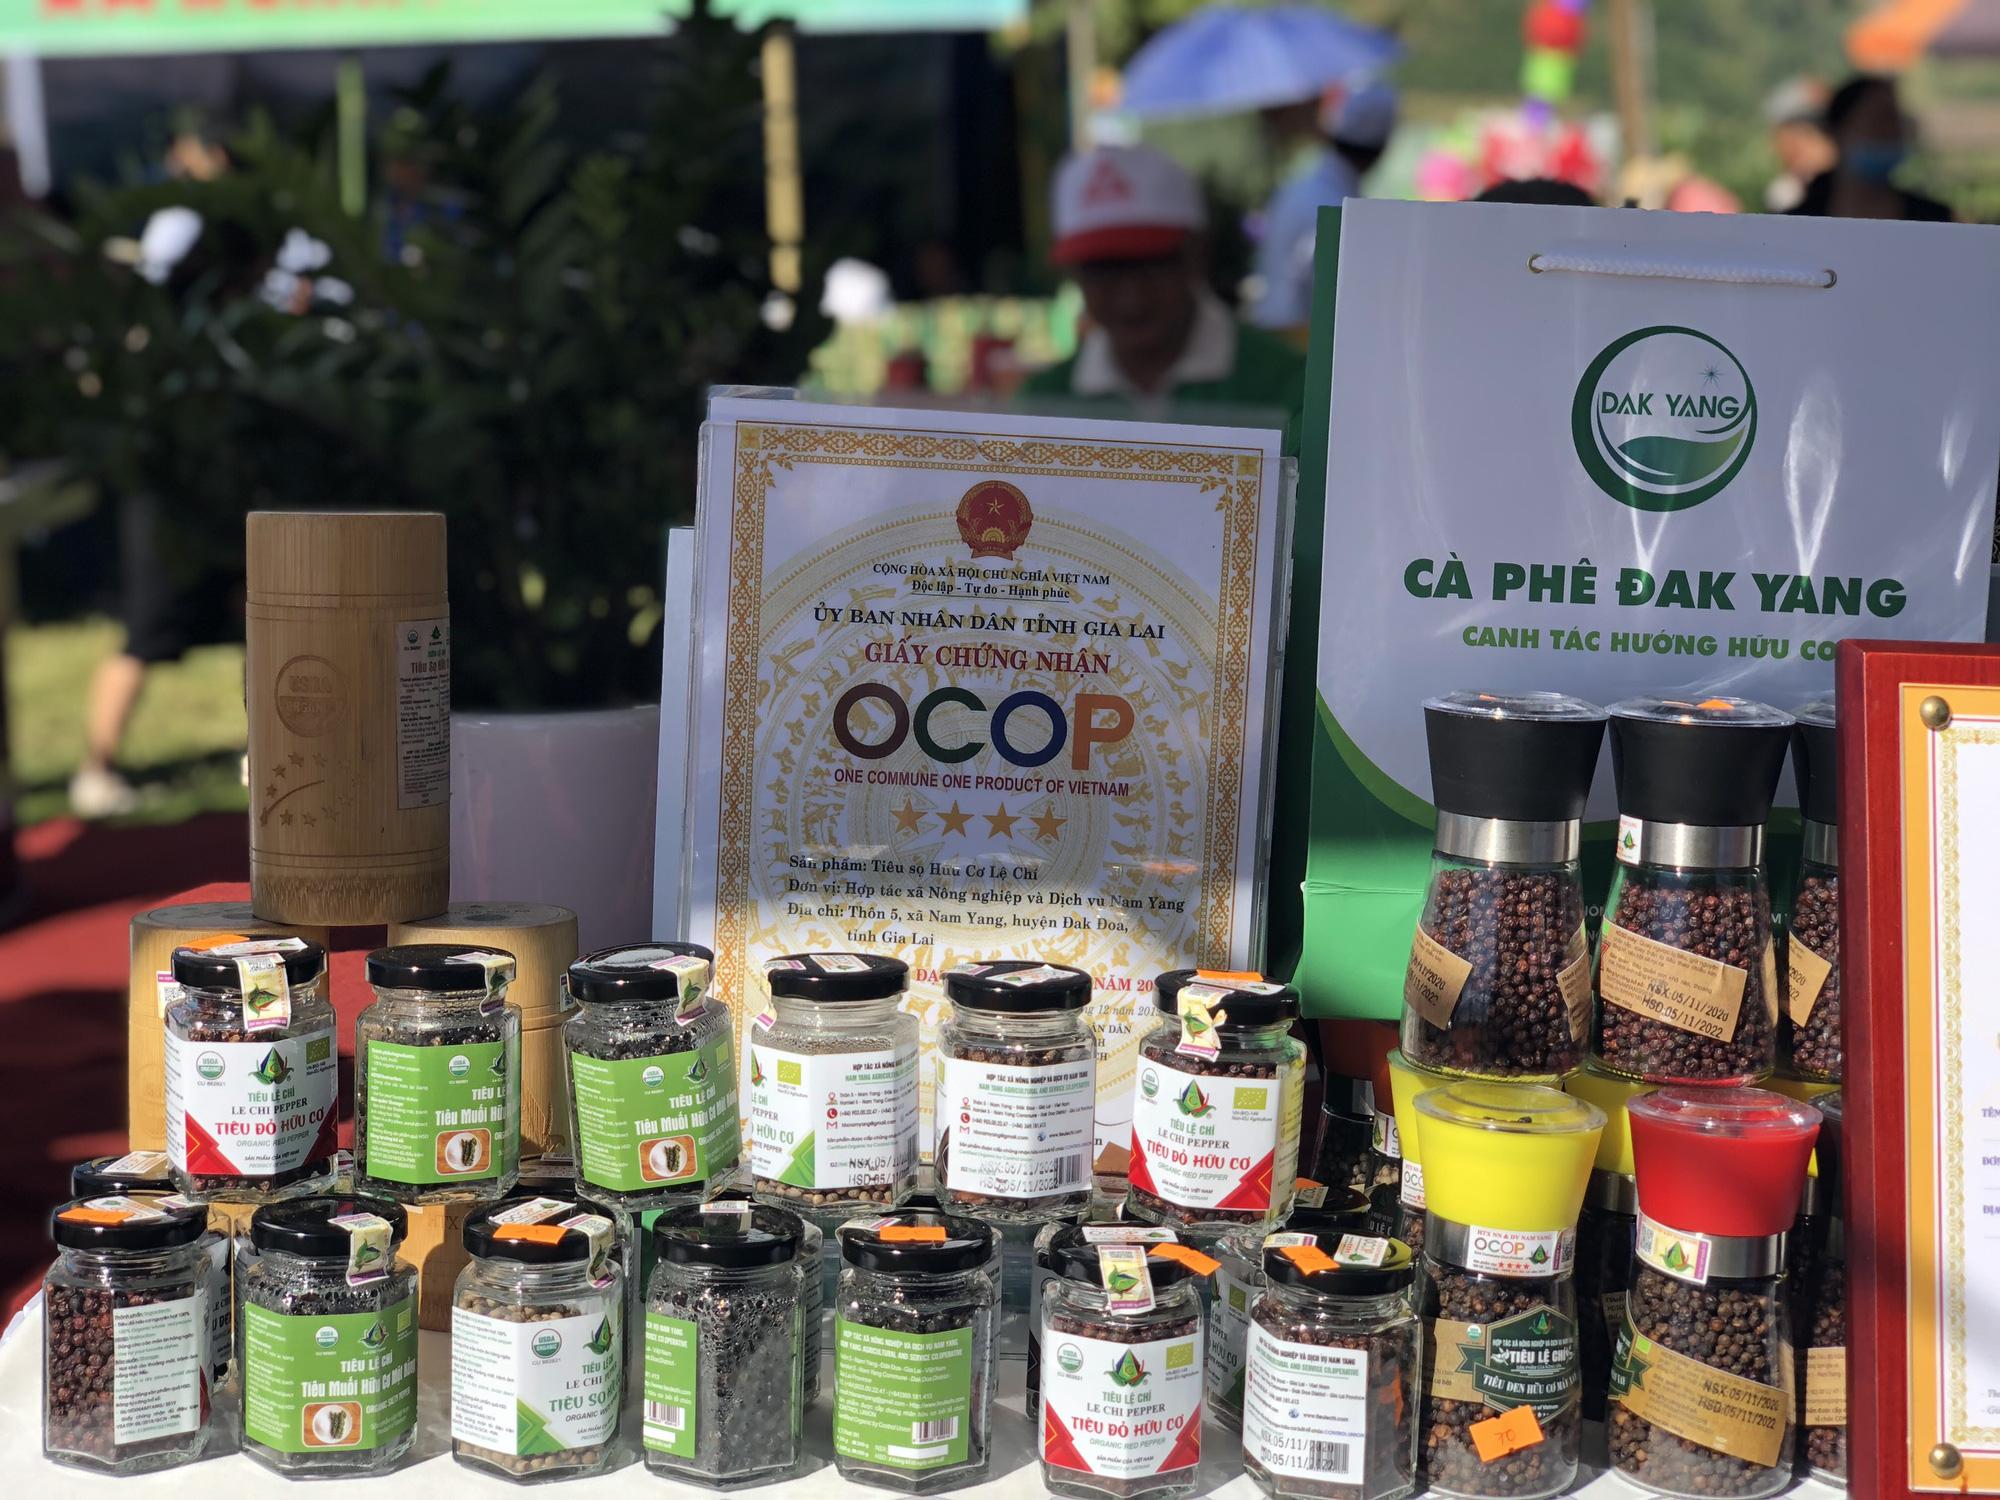 Đa dạng các sản phẩm OCOP tại các lễ hội, kết nối sản xuất với tiêu dùng - Ảnh 4.